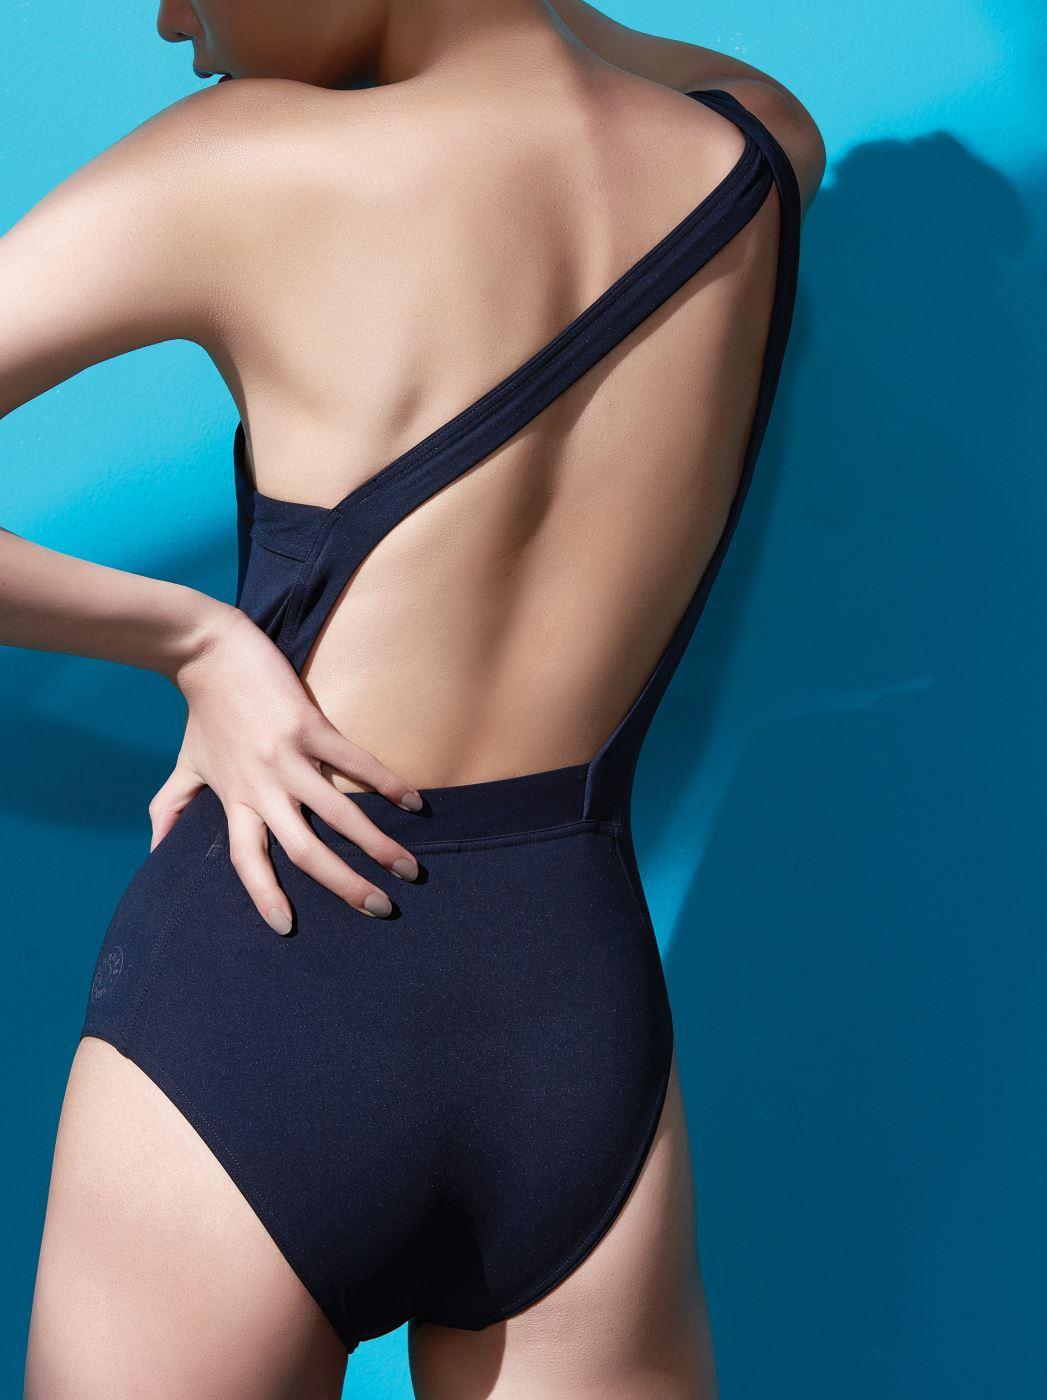 원숄더 검정 수영복은 에르메스 제품. 가격 미정.